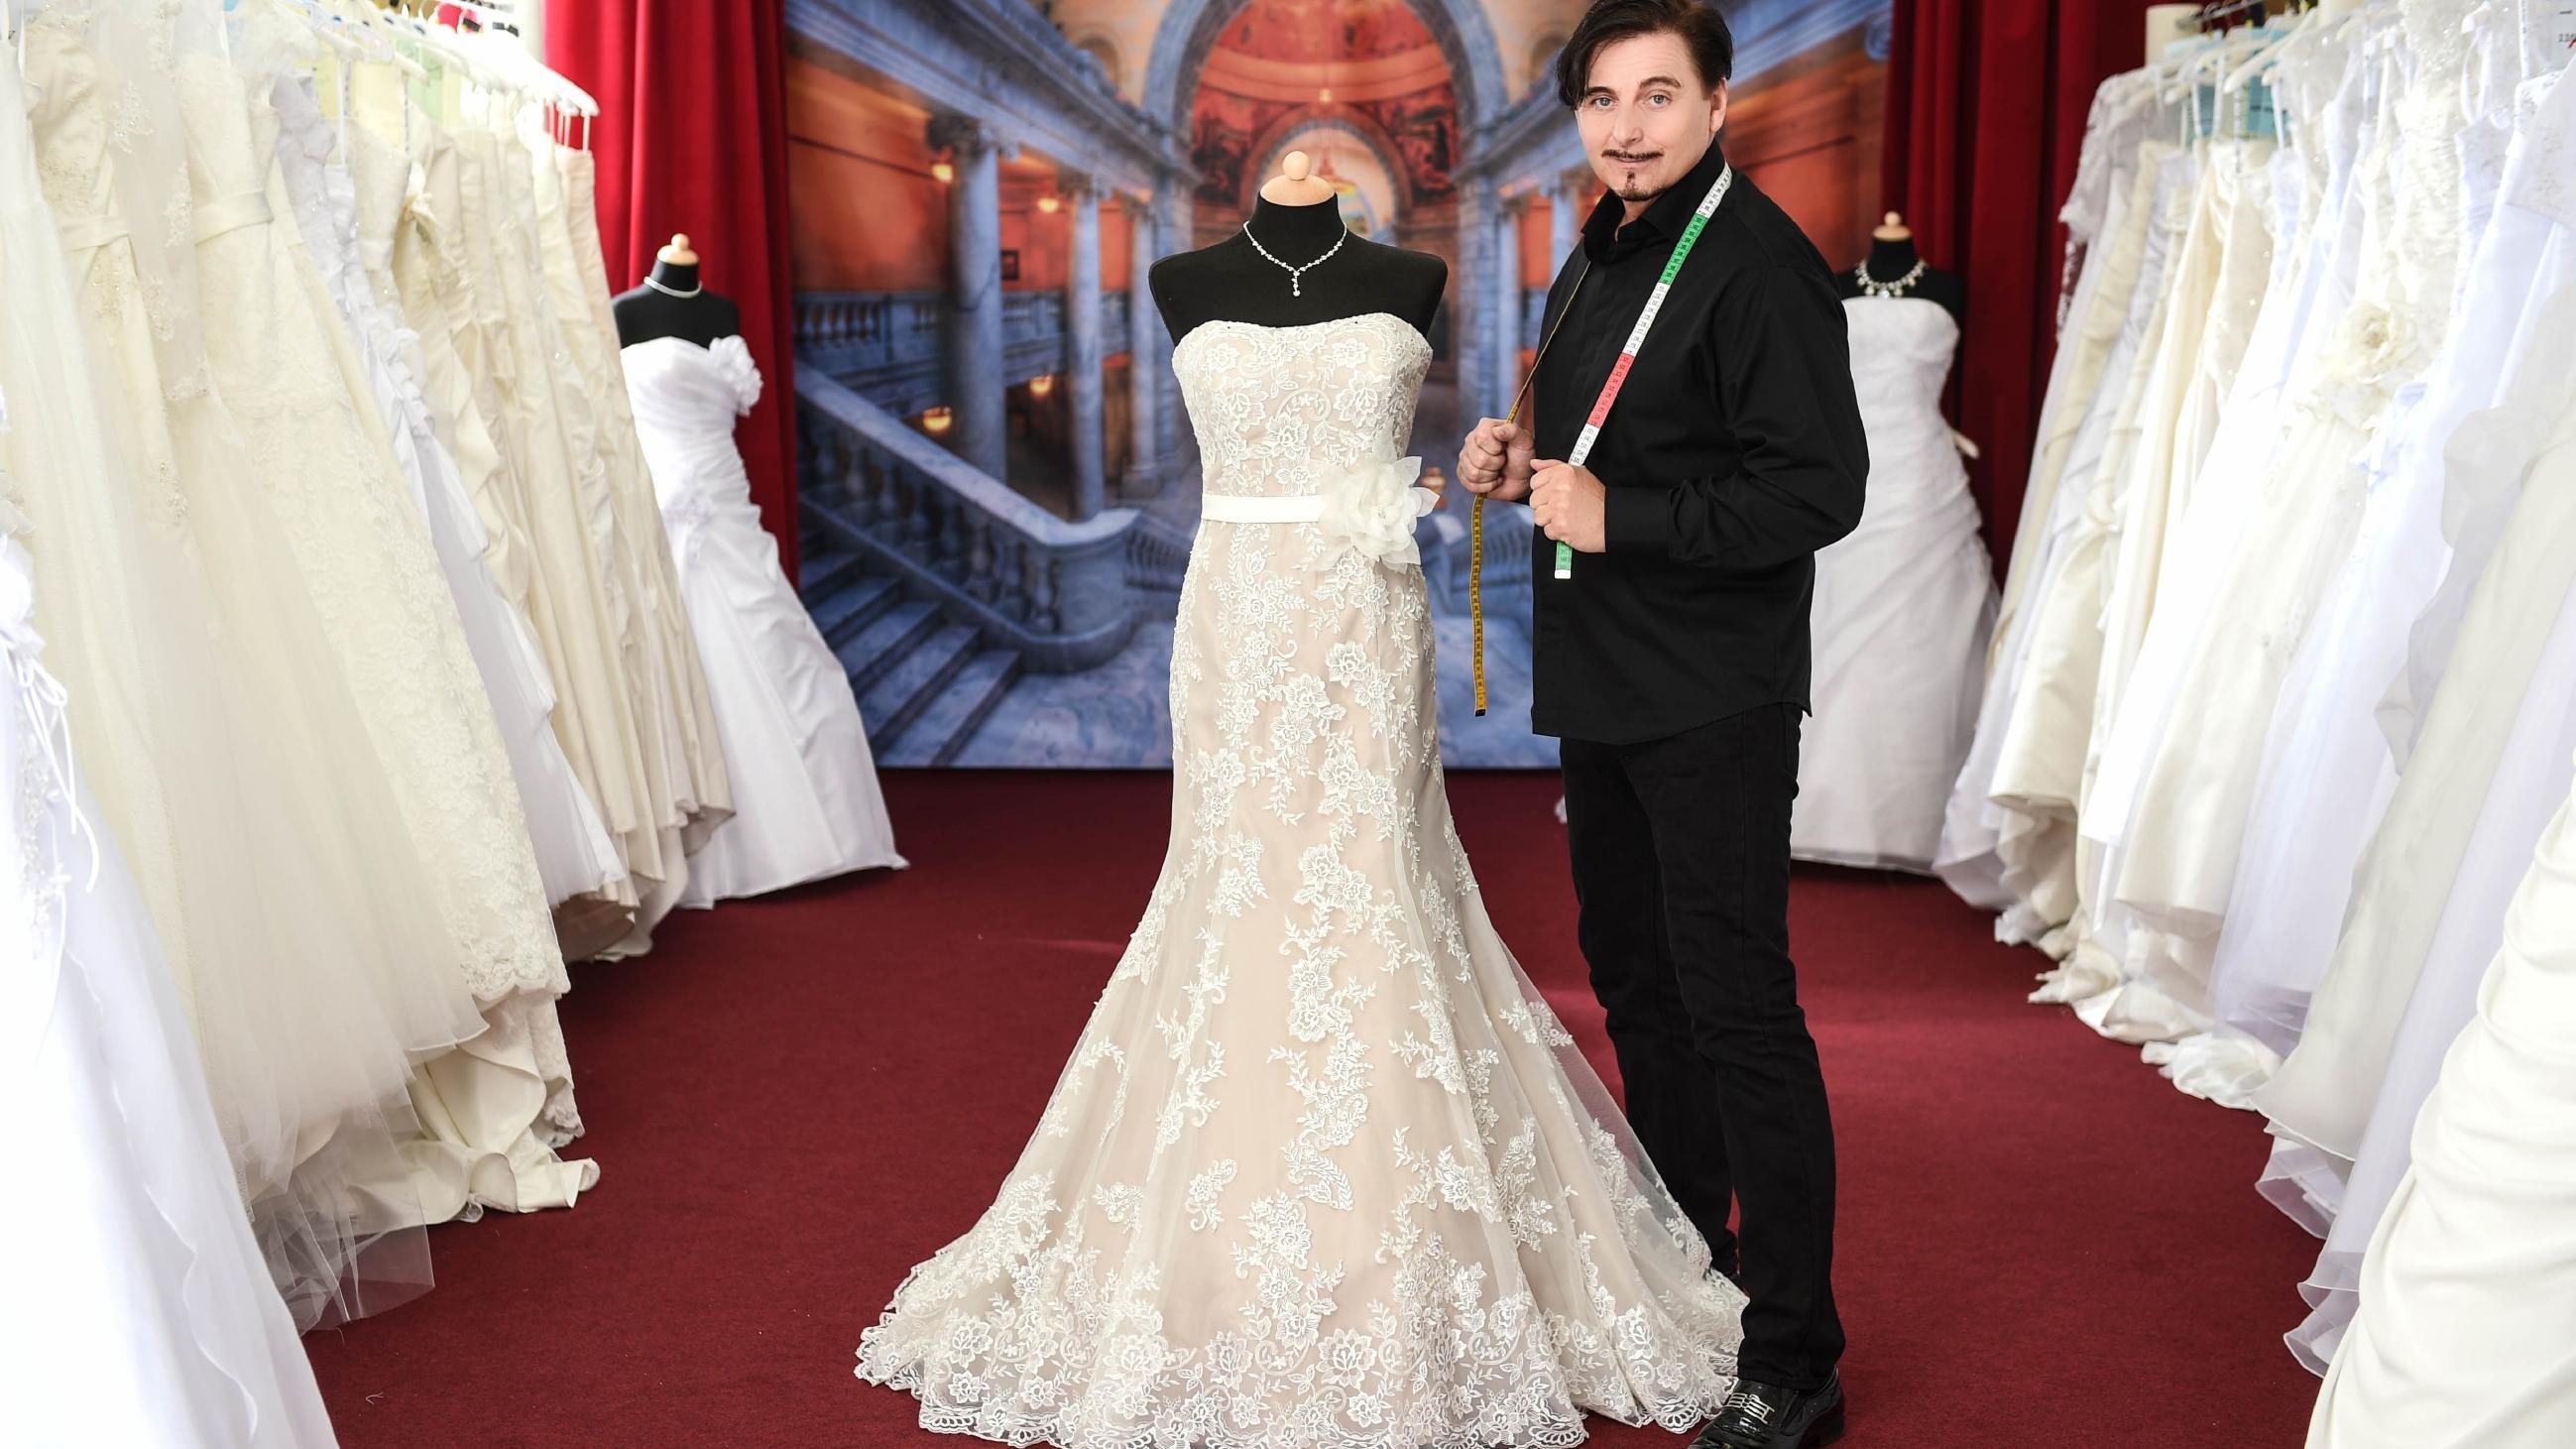 Uwe Herrmann Brautkleid Papst Verlangt Eintritt Furs Shopping